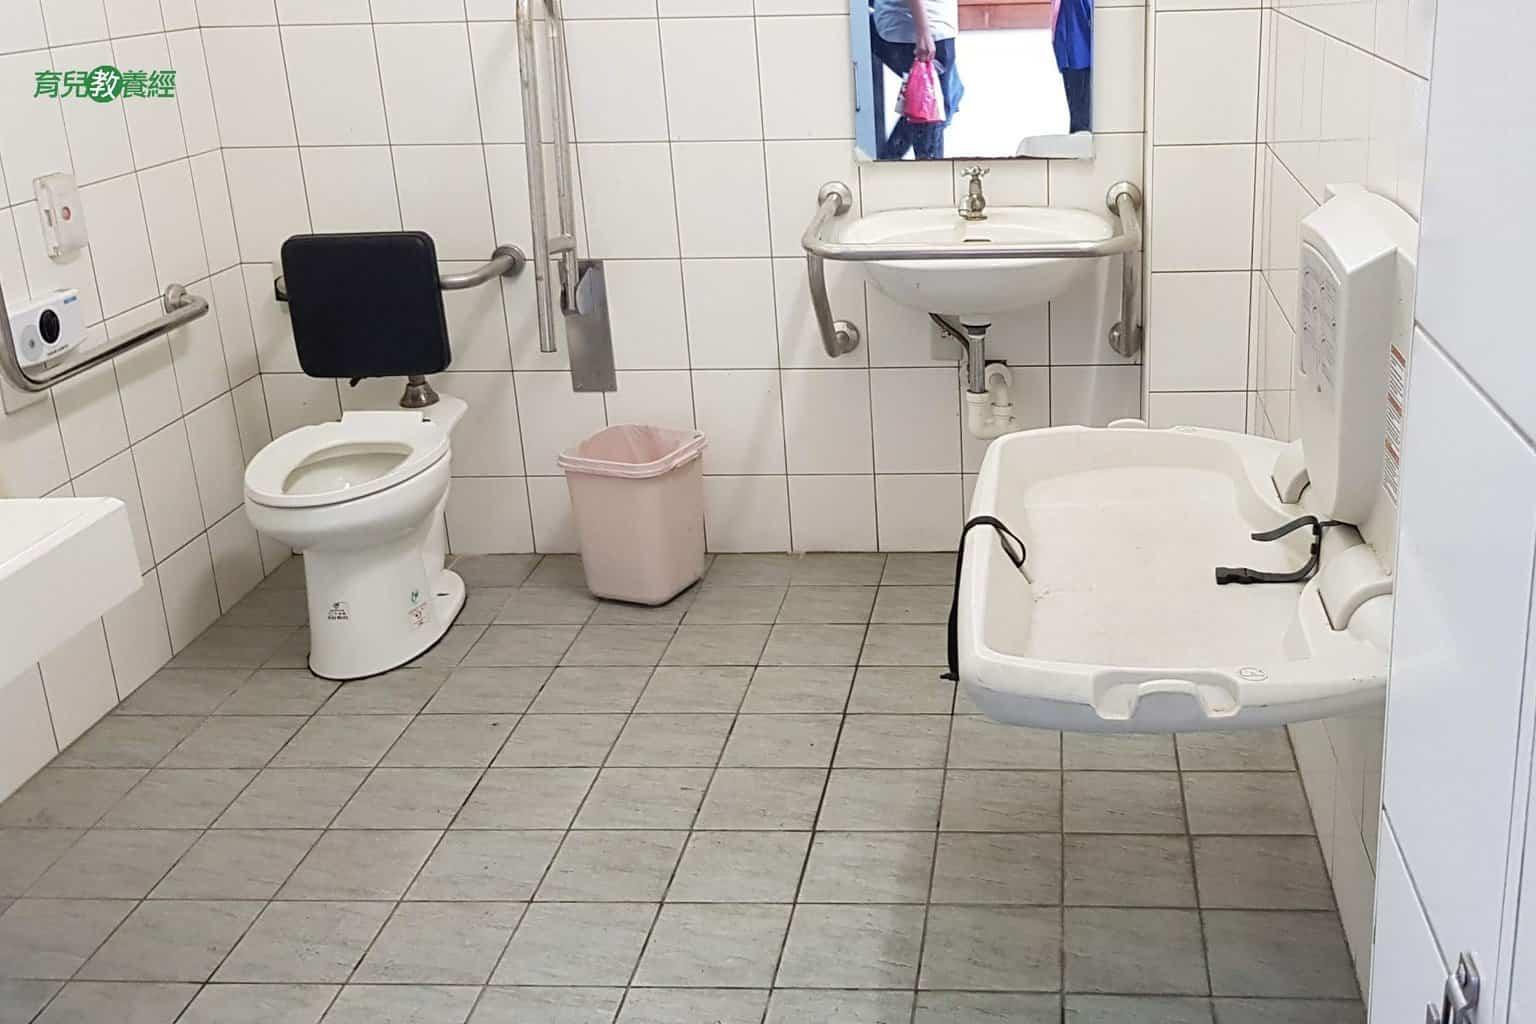 鹿港小鹿兒童公園親子廁所